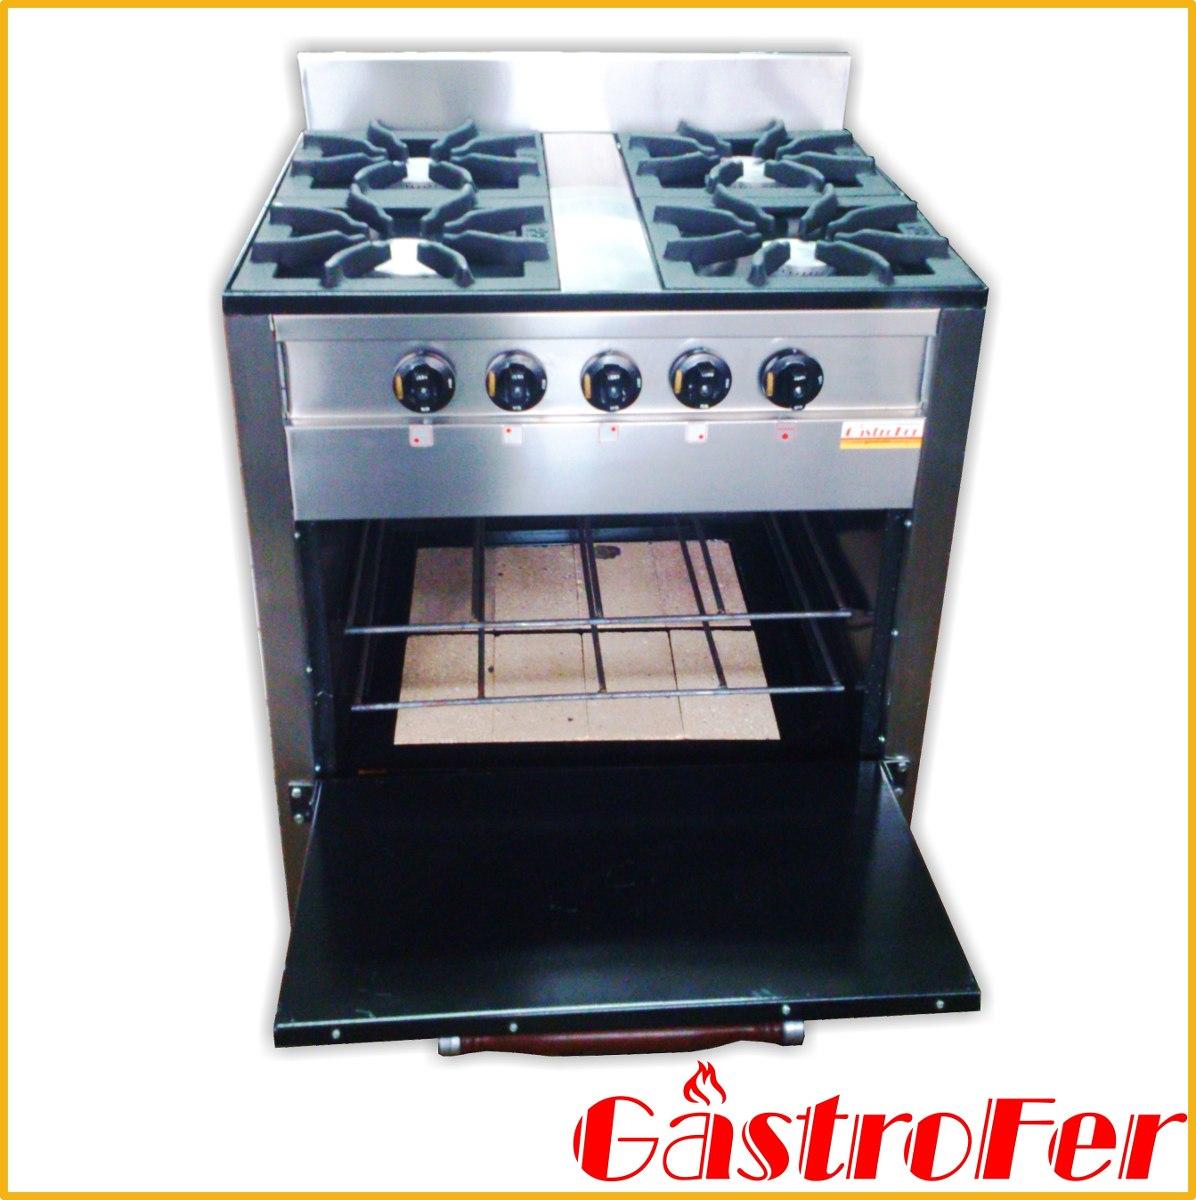 Cocina Industrial Familiar Pevi 4 Hornallas Acero Inox 70